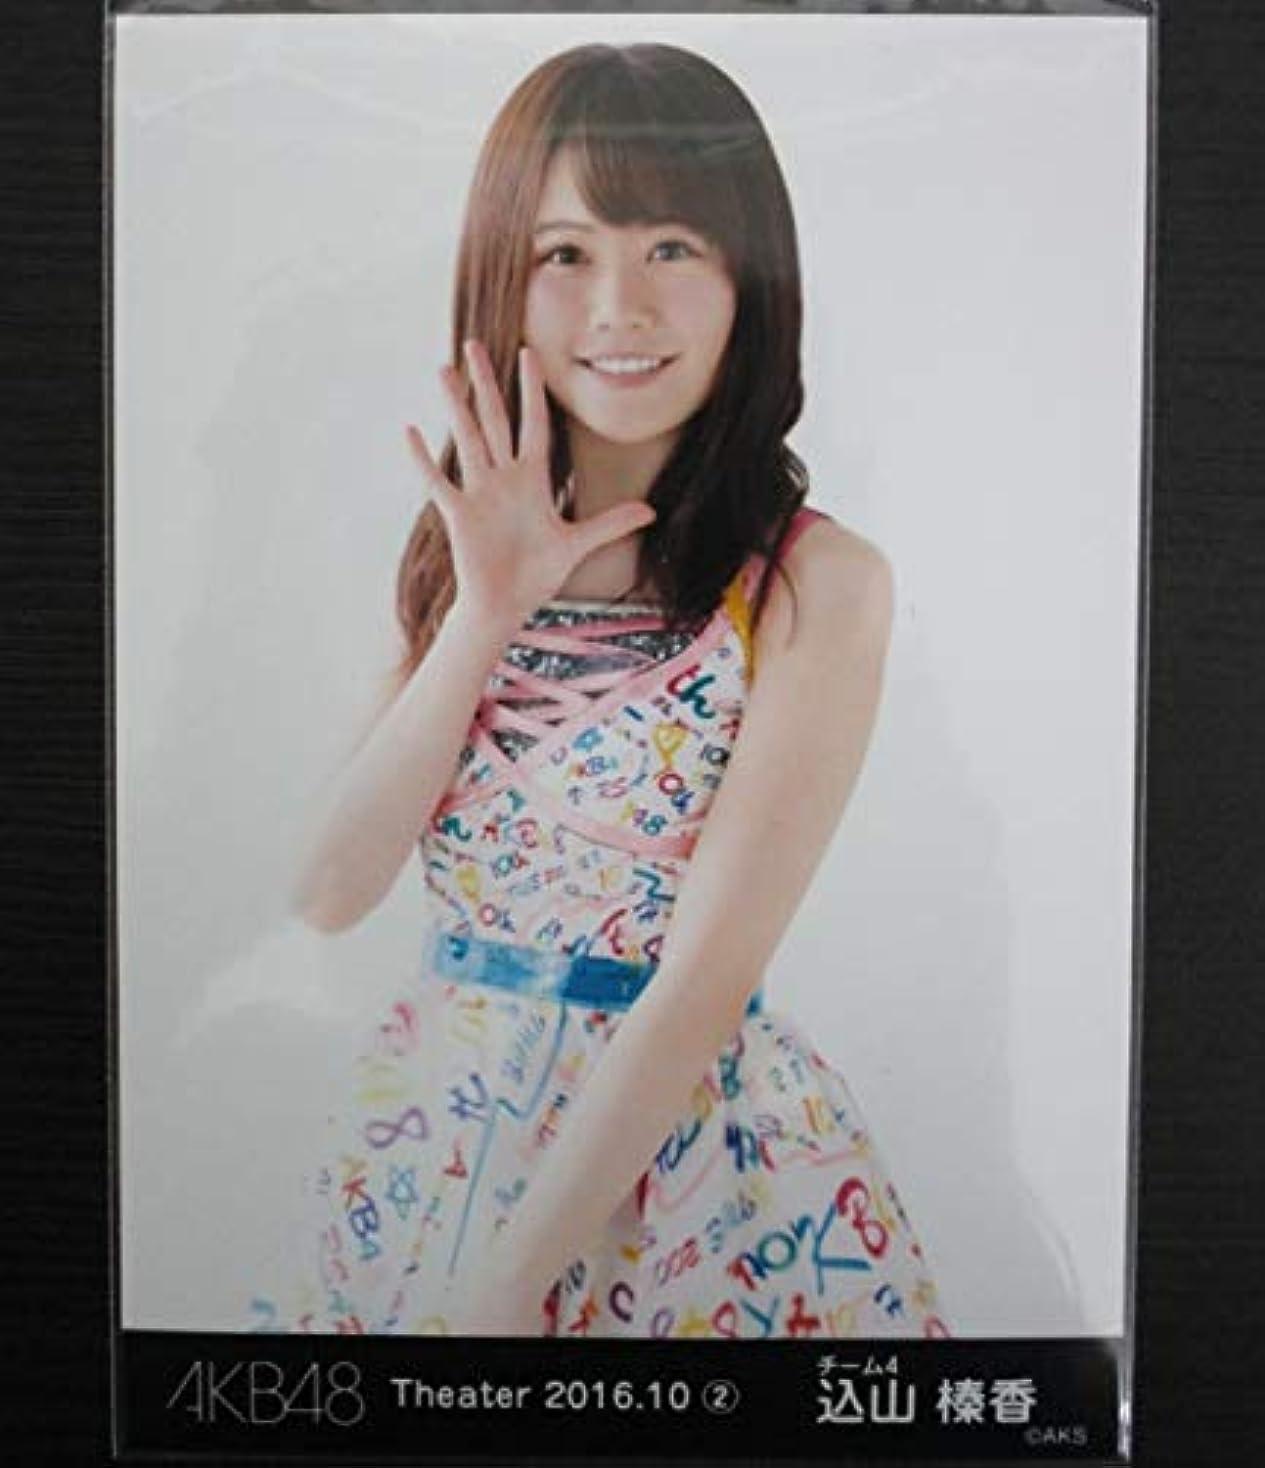 アッパー曲がったまぶしさAKB48 山榛香 Theater 2016.10 ② チュウ